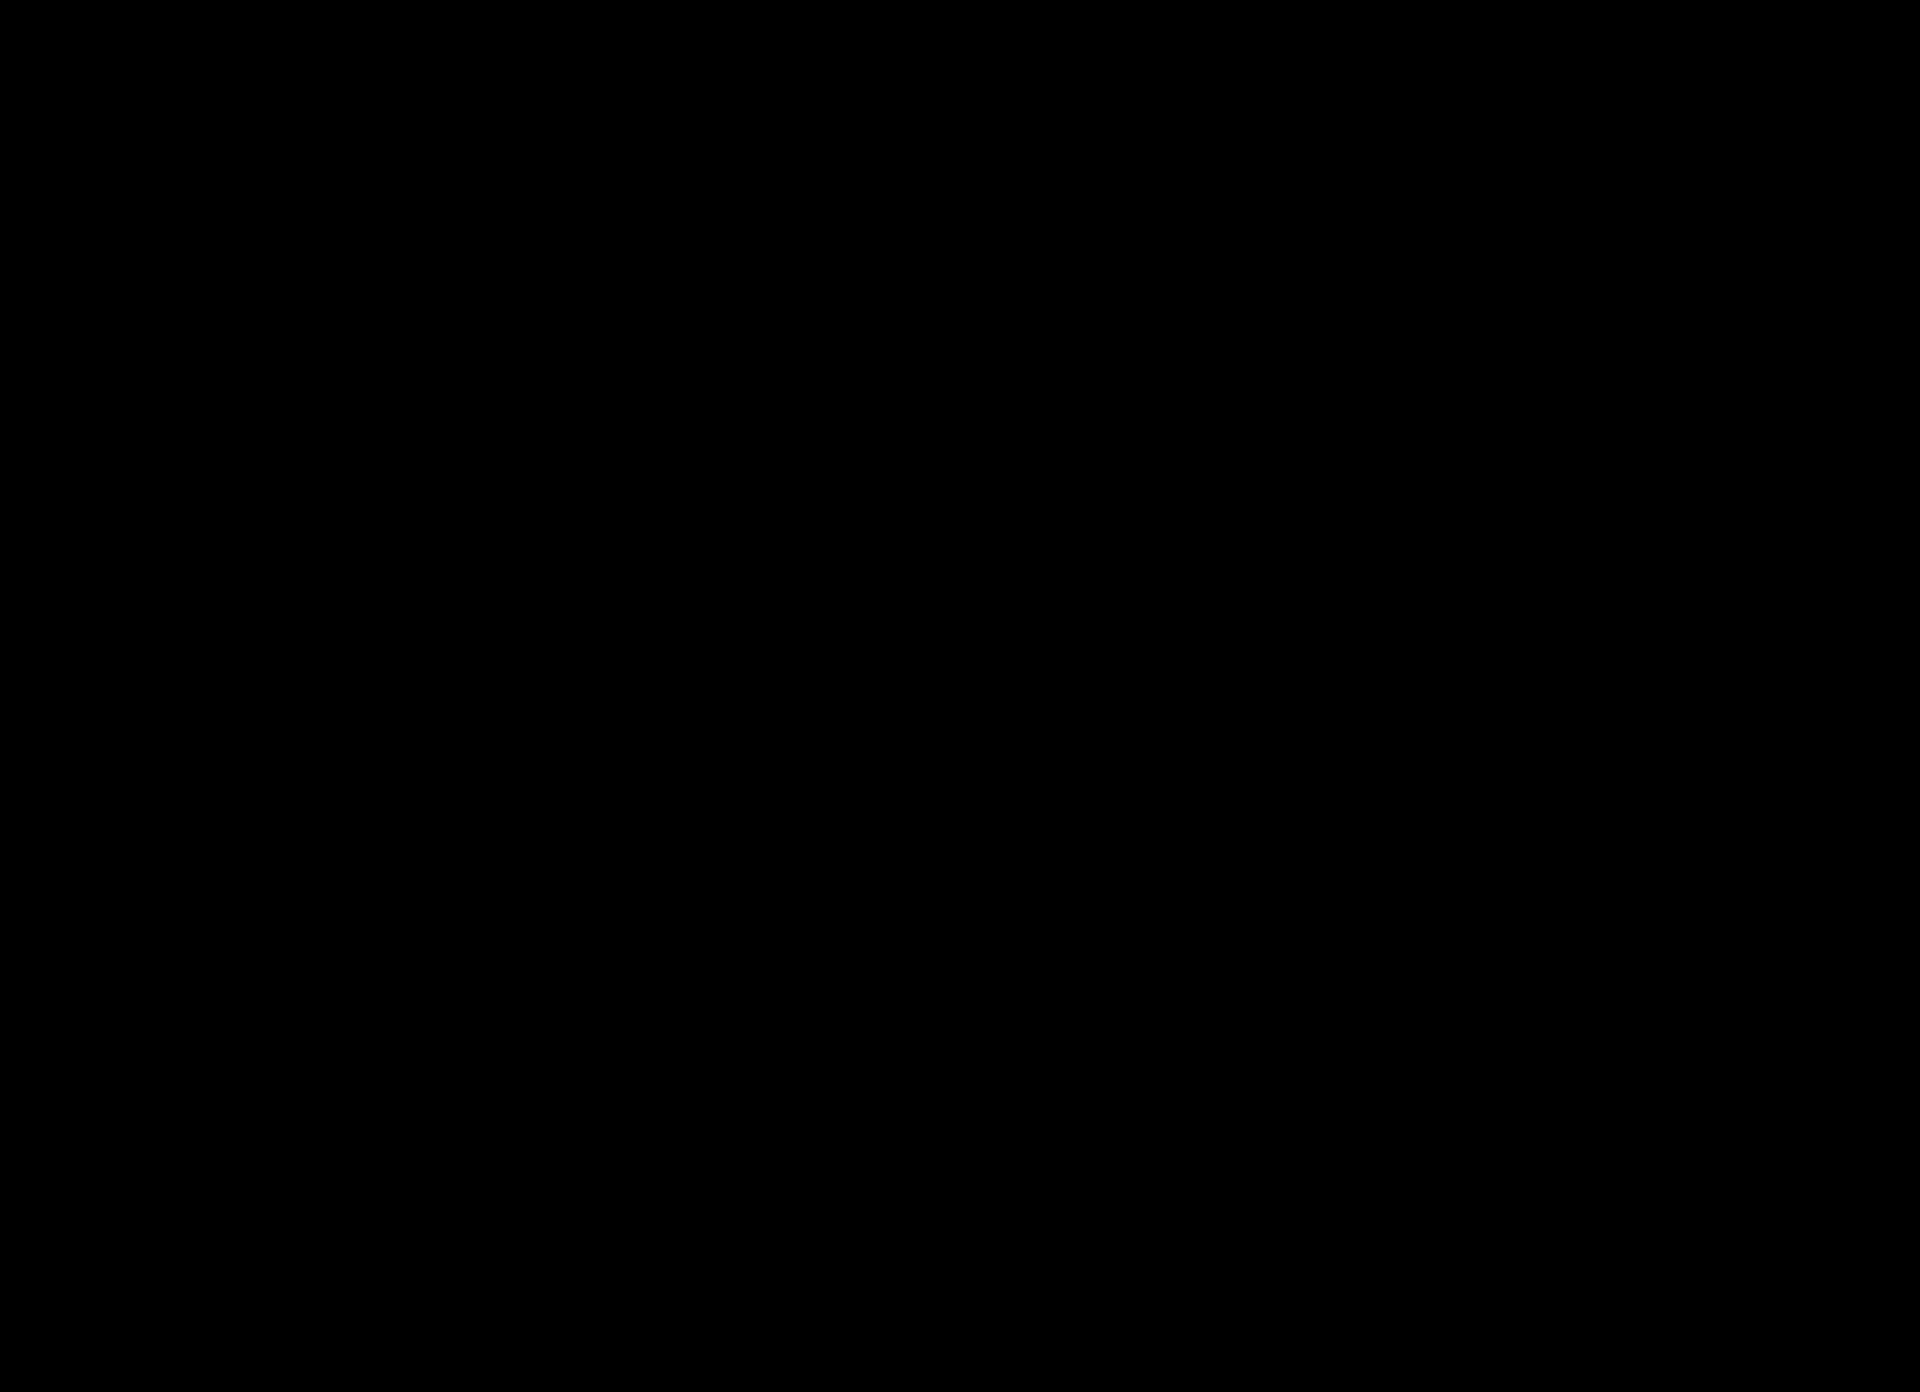 Anima5